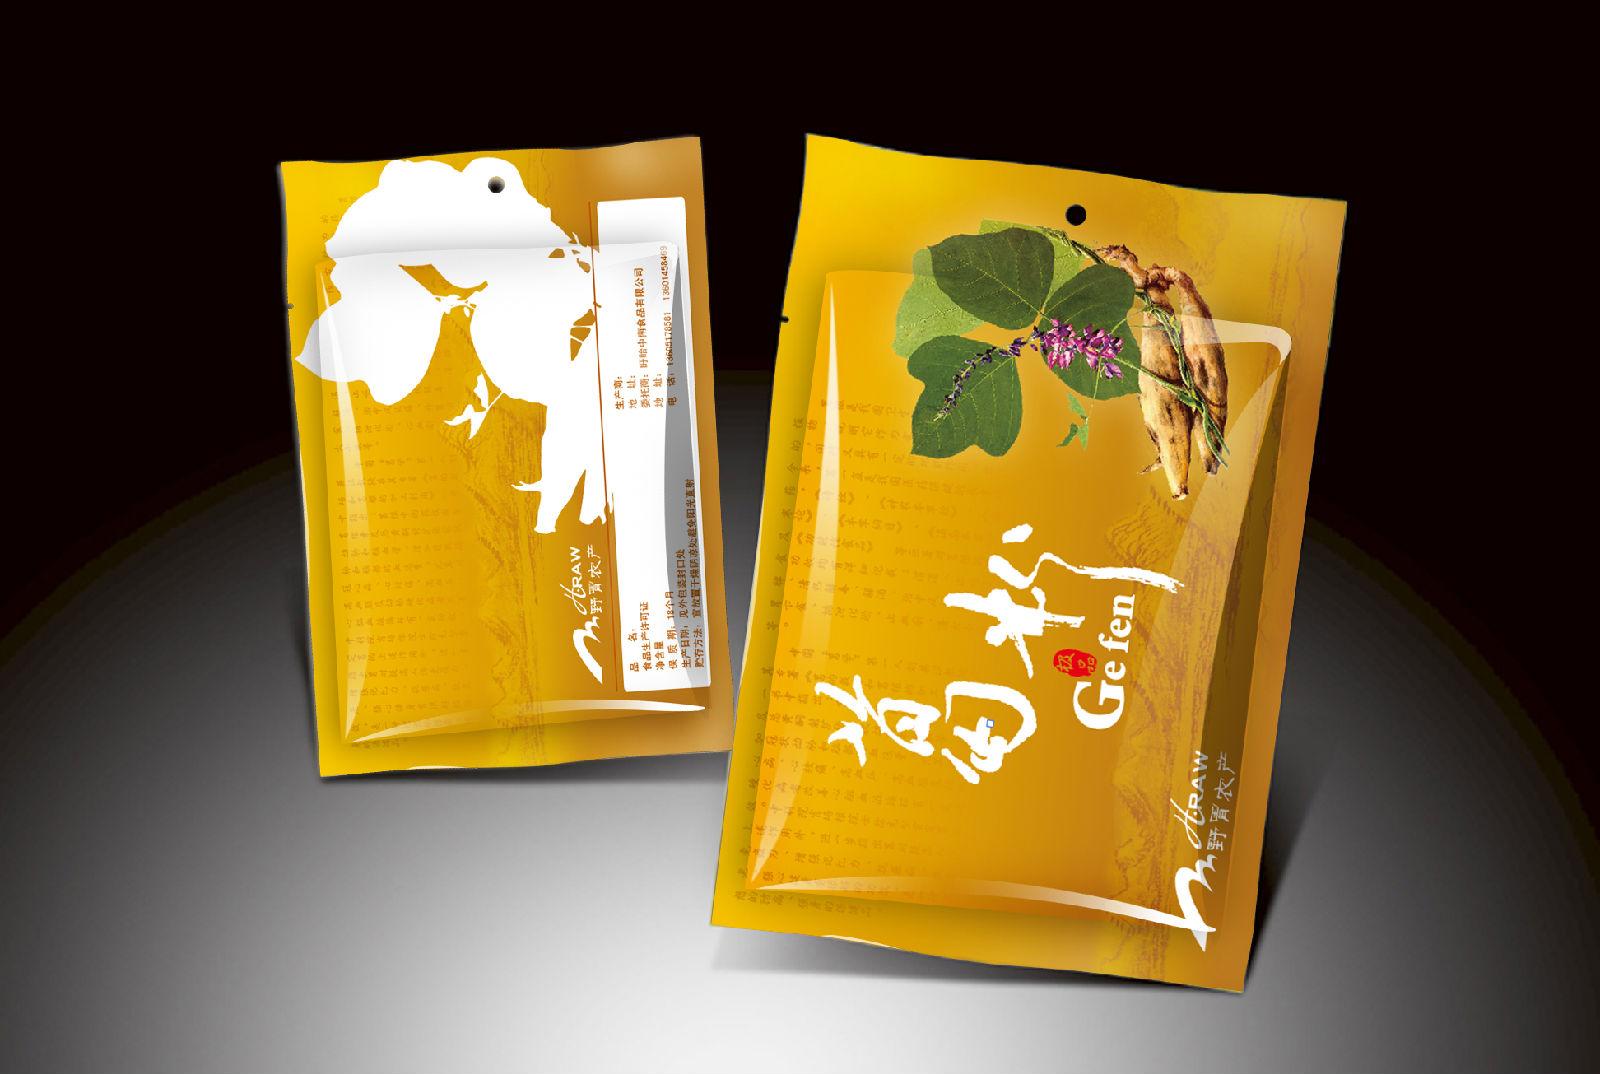 济南亨祥包装塑料袋厂 专业设计 生产销售各种塑料袋塑料袋包装袋